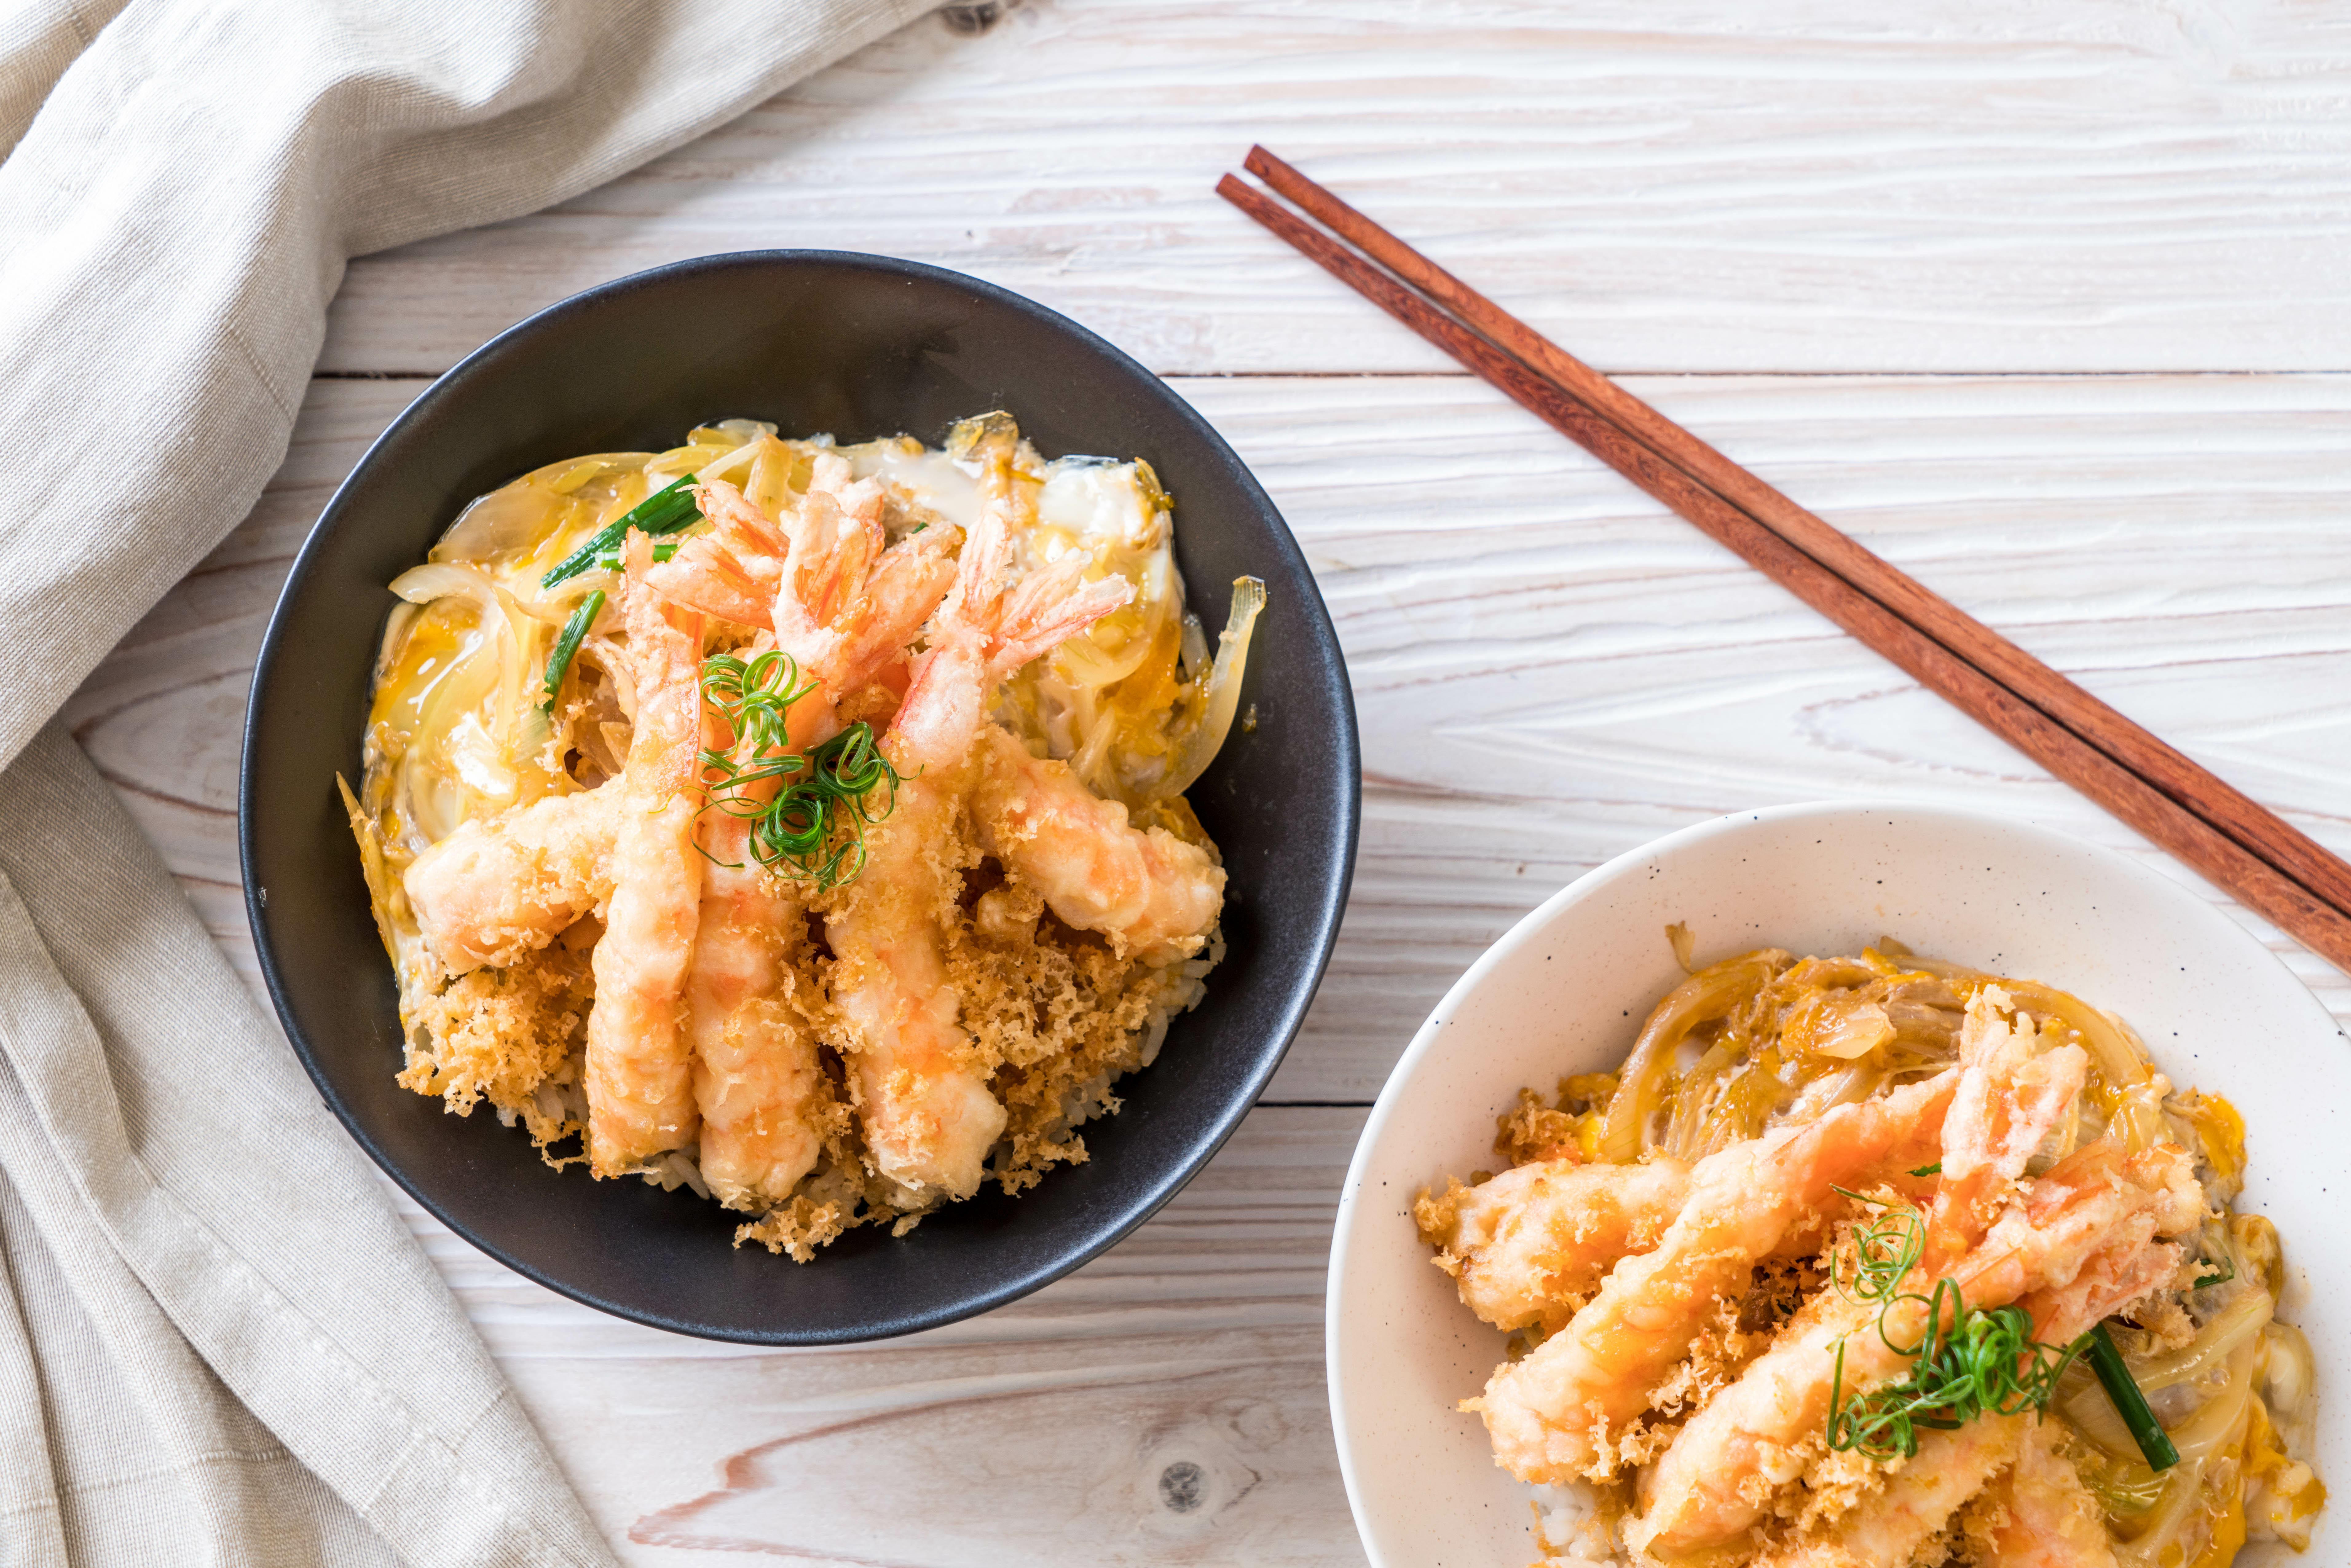 Recette parfaite de tempura: comment faire du tempura aux légumes